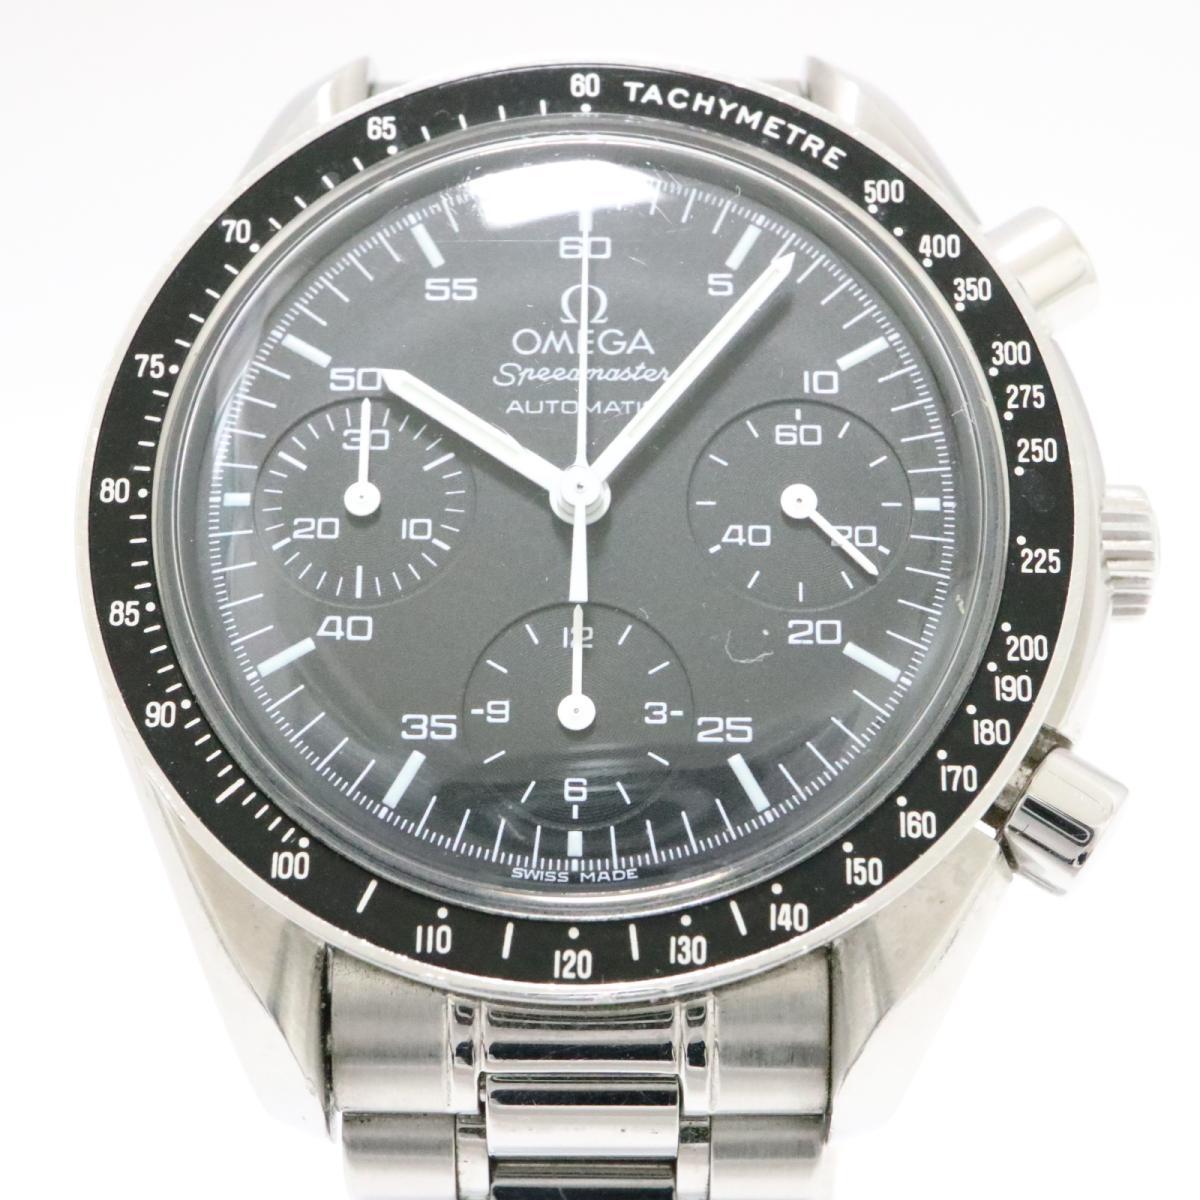 【中古】 オメガ スピードマスター 腕時計 メンズ ステンレススチール (SS) ブラック (3510.50) | OMEGA オートマチック 自動巻き 時計 スピードマスター 美品 ブランドオフ